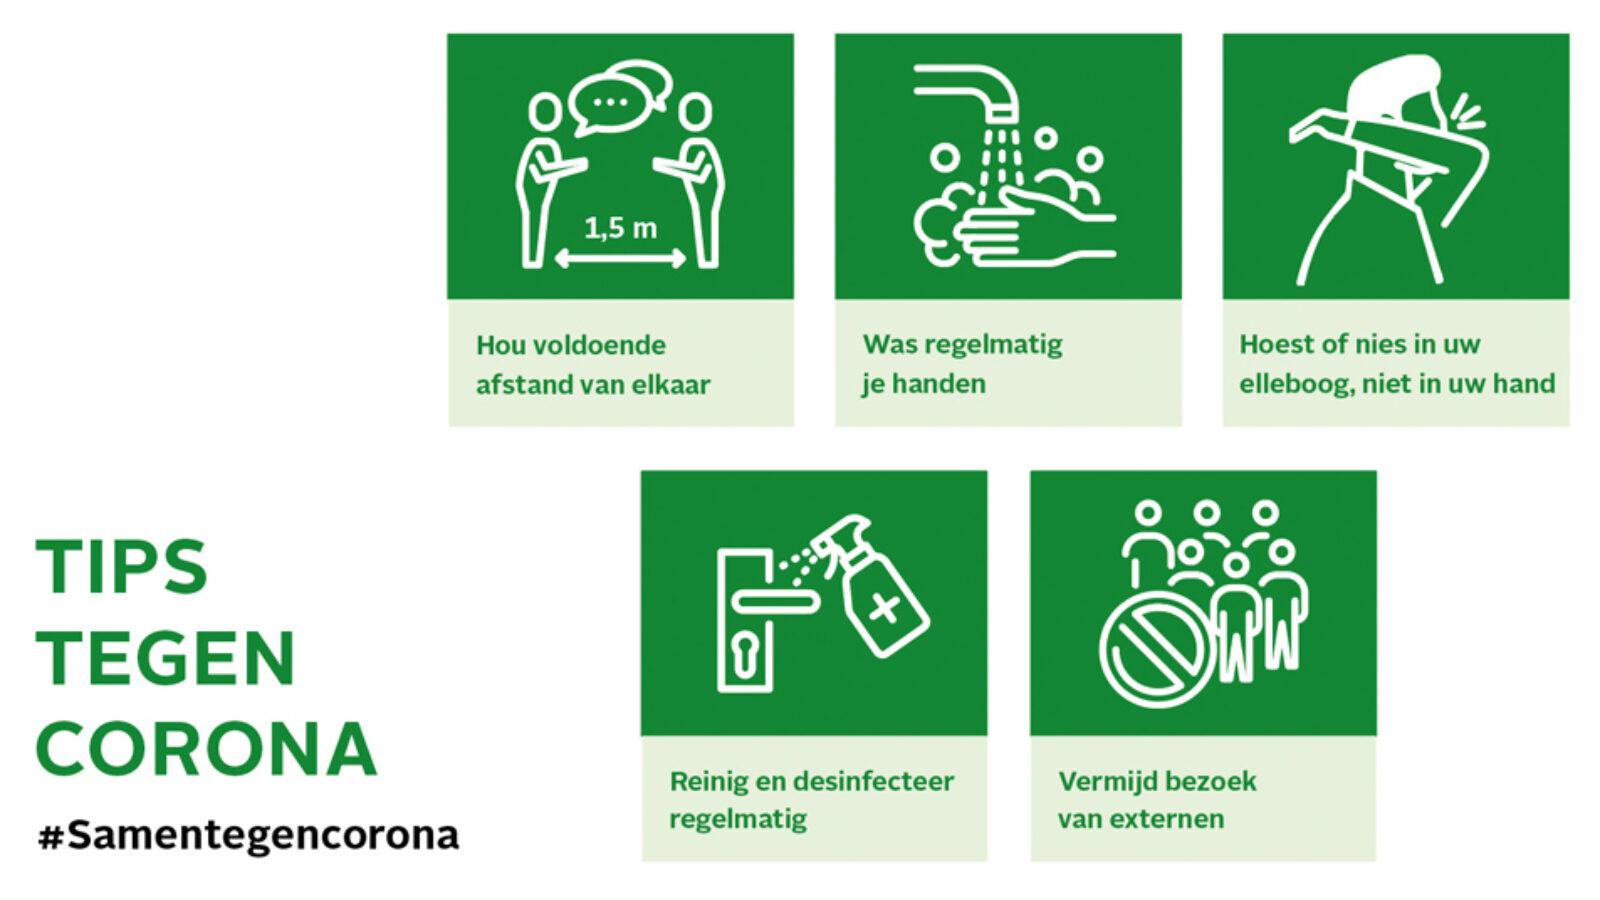 Veiligheidsmaatregelen: samen tegen corona